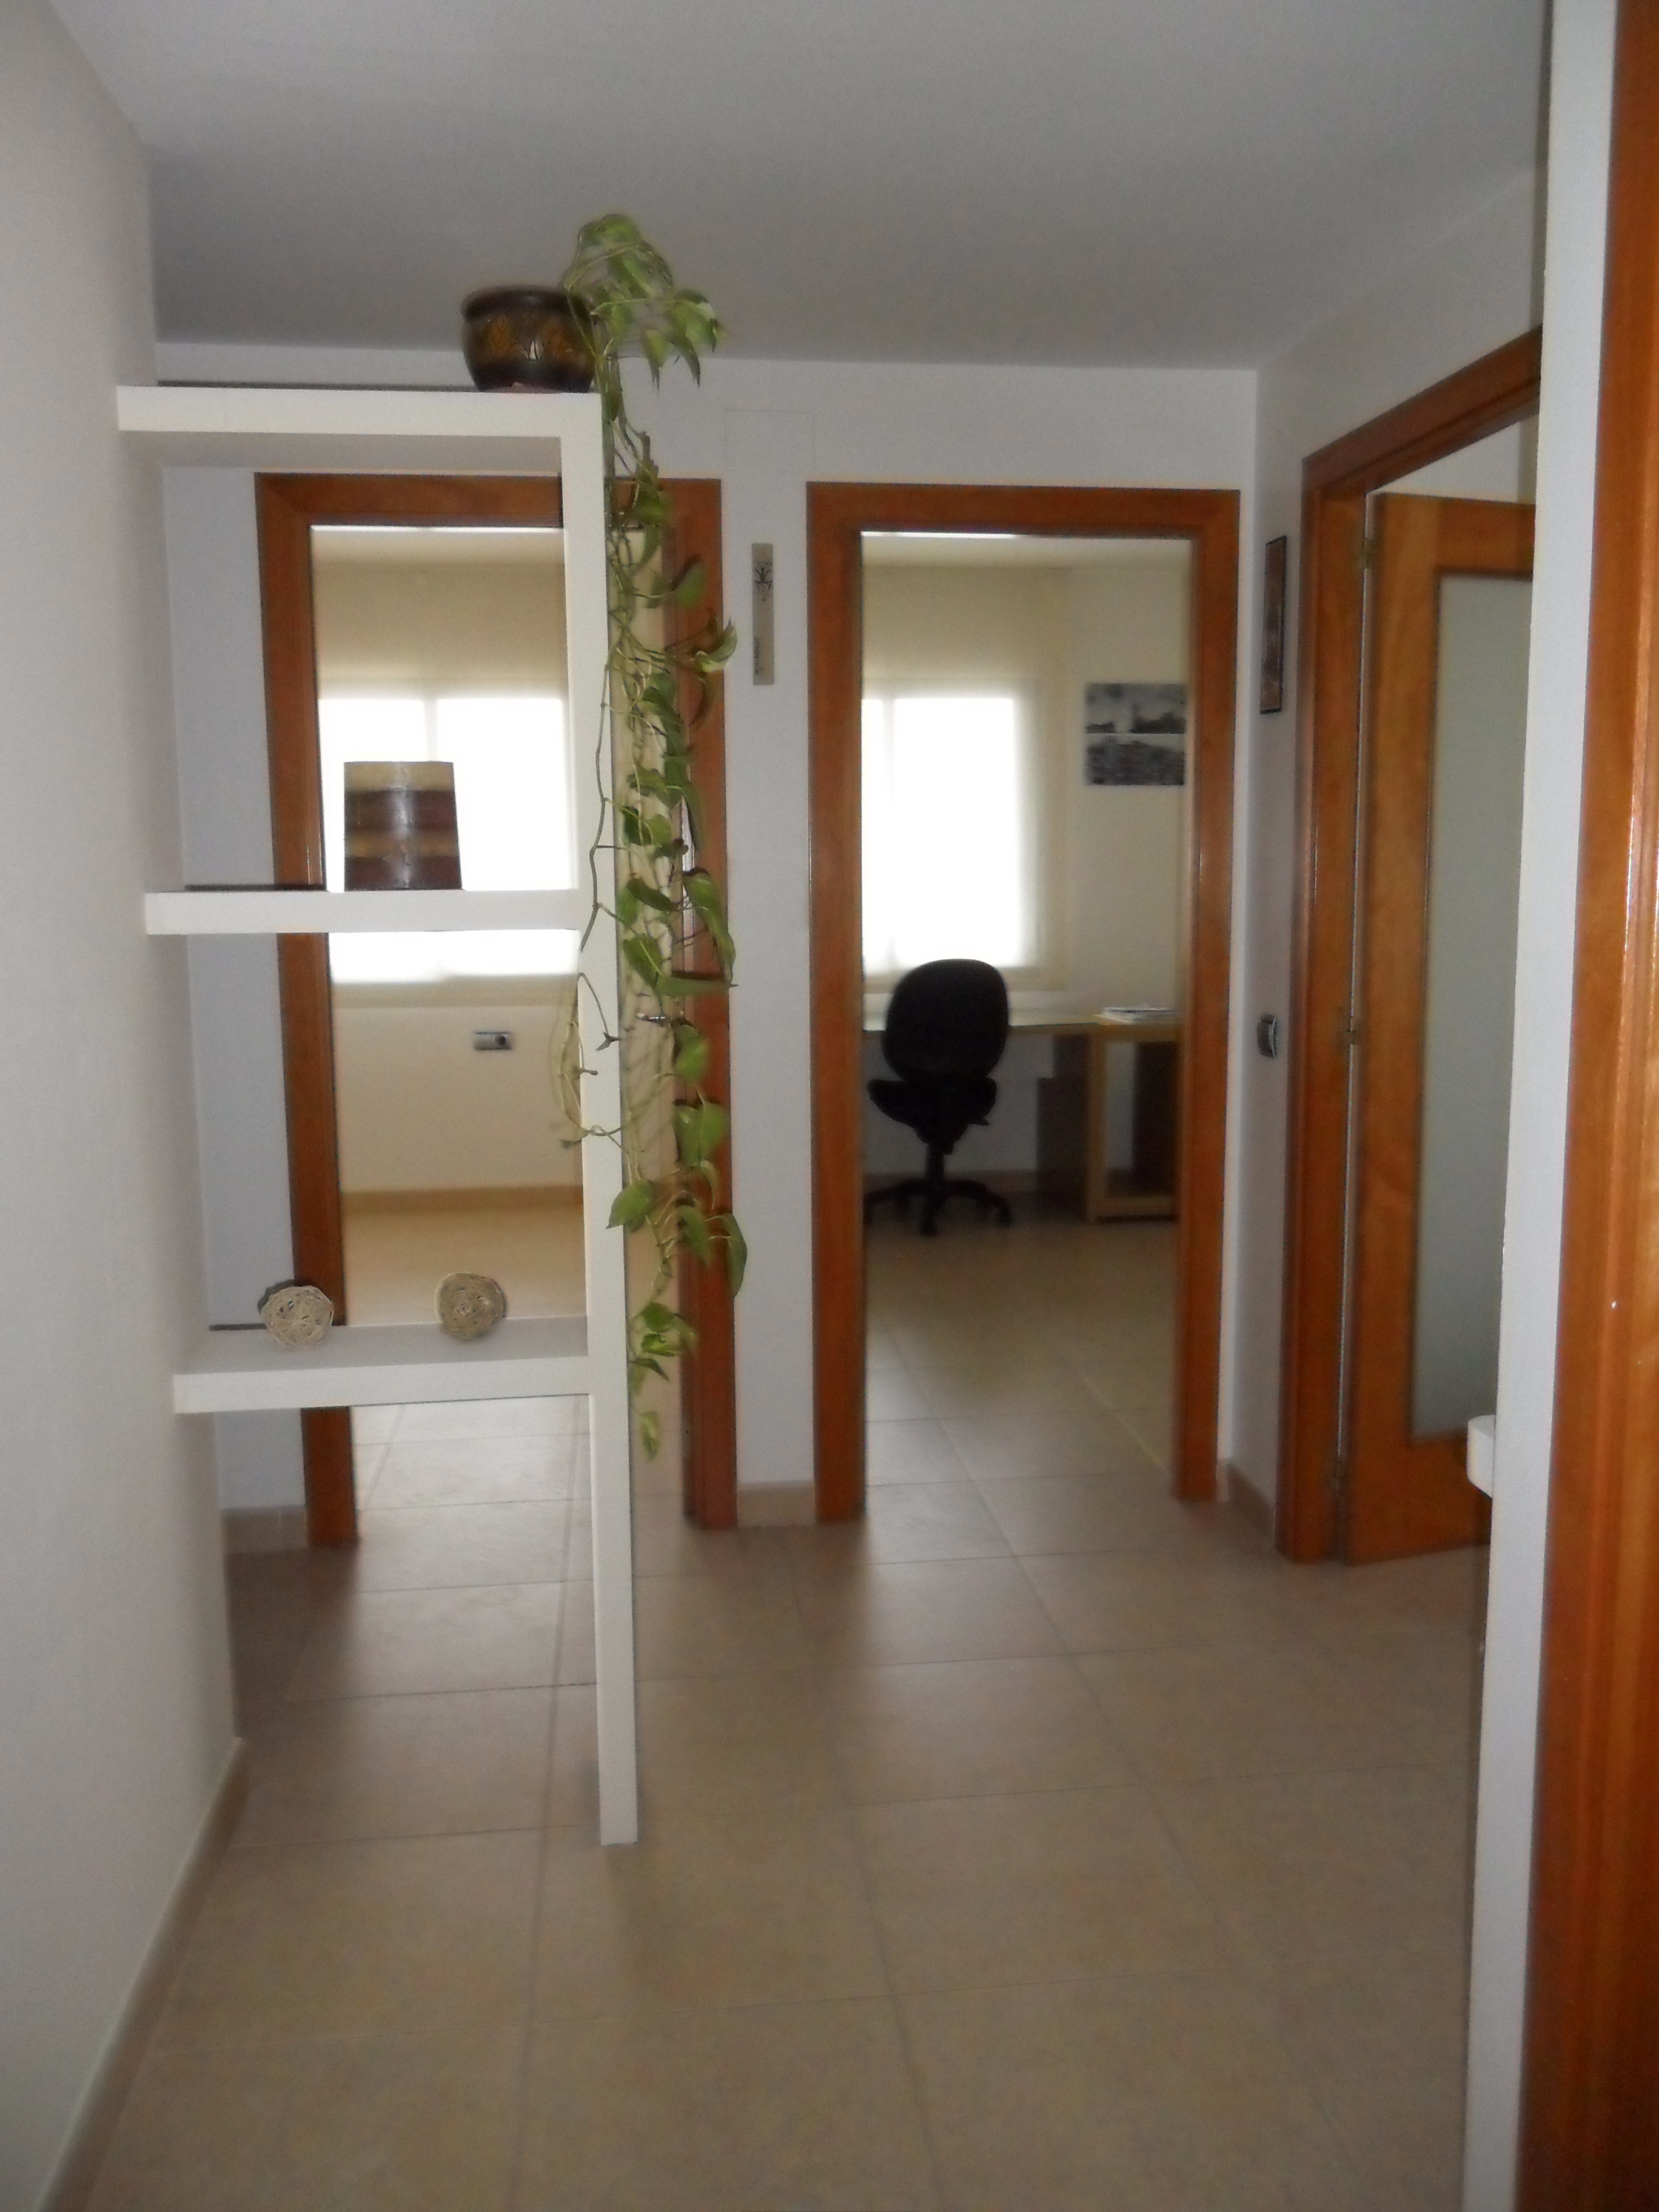 Alquiler Piso  Rotonda lluís pericot, 43. Pis de tres habitacions, molt acollidor, d'estupendes qualitats